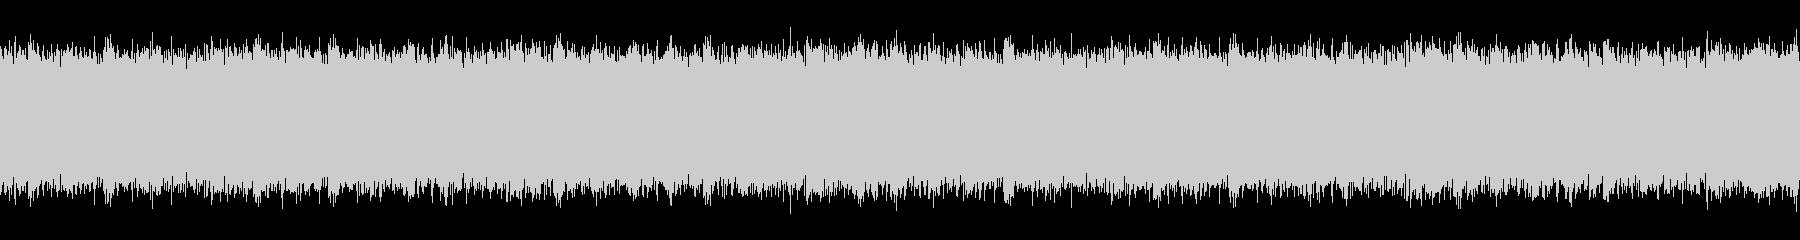 ほのぼの動画用BGM ループ HM001の未再生の波形